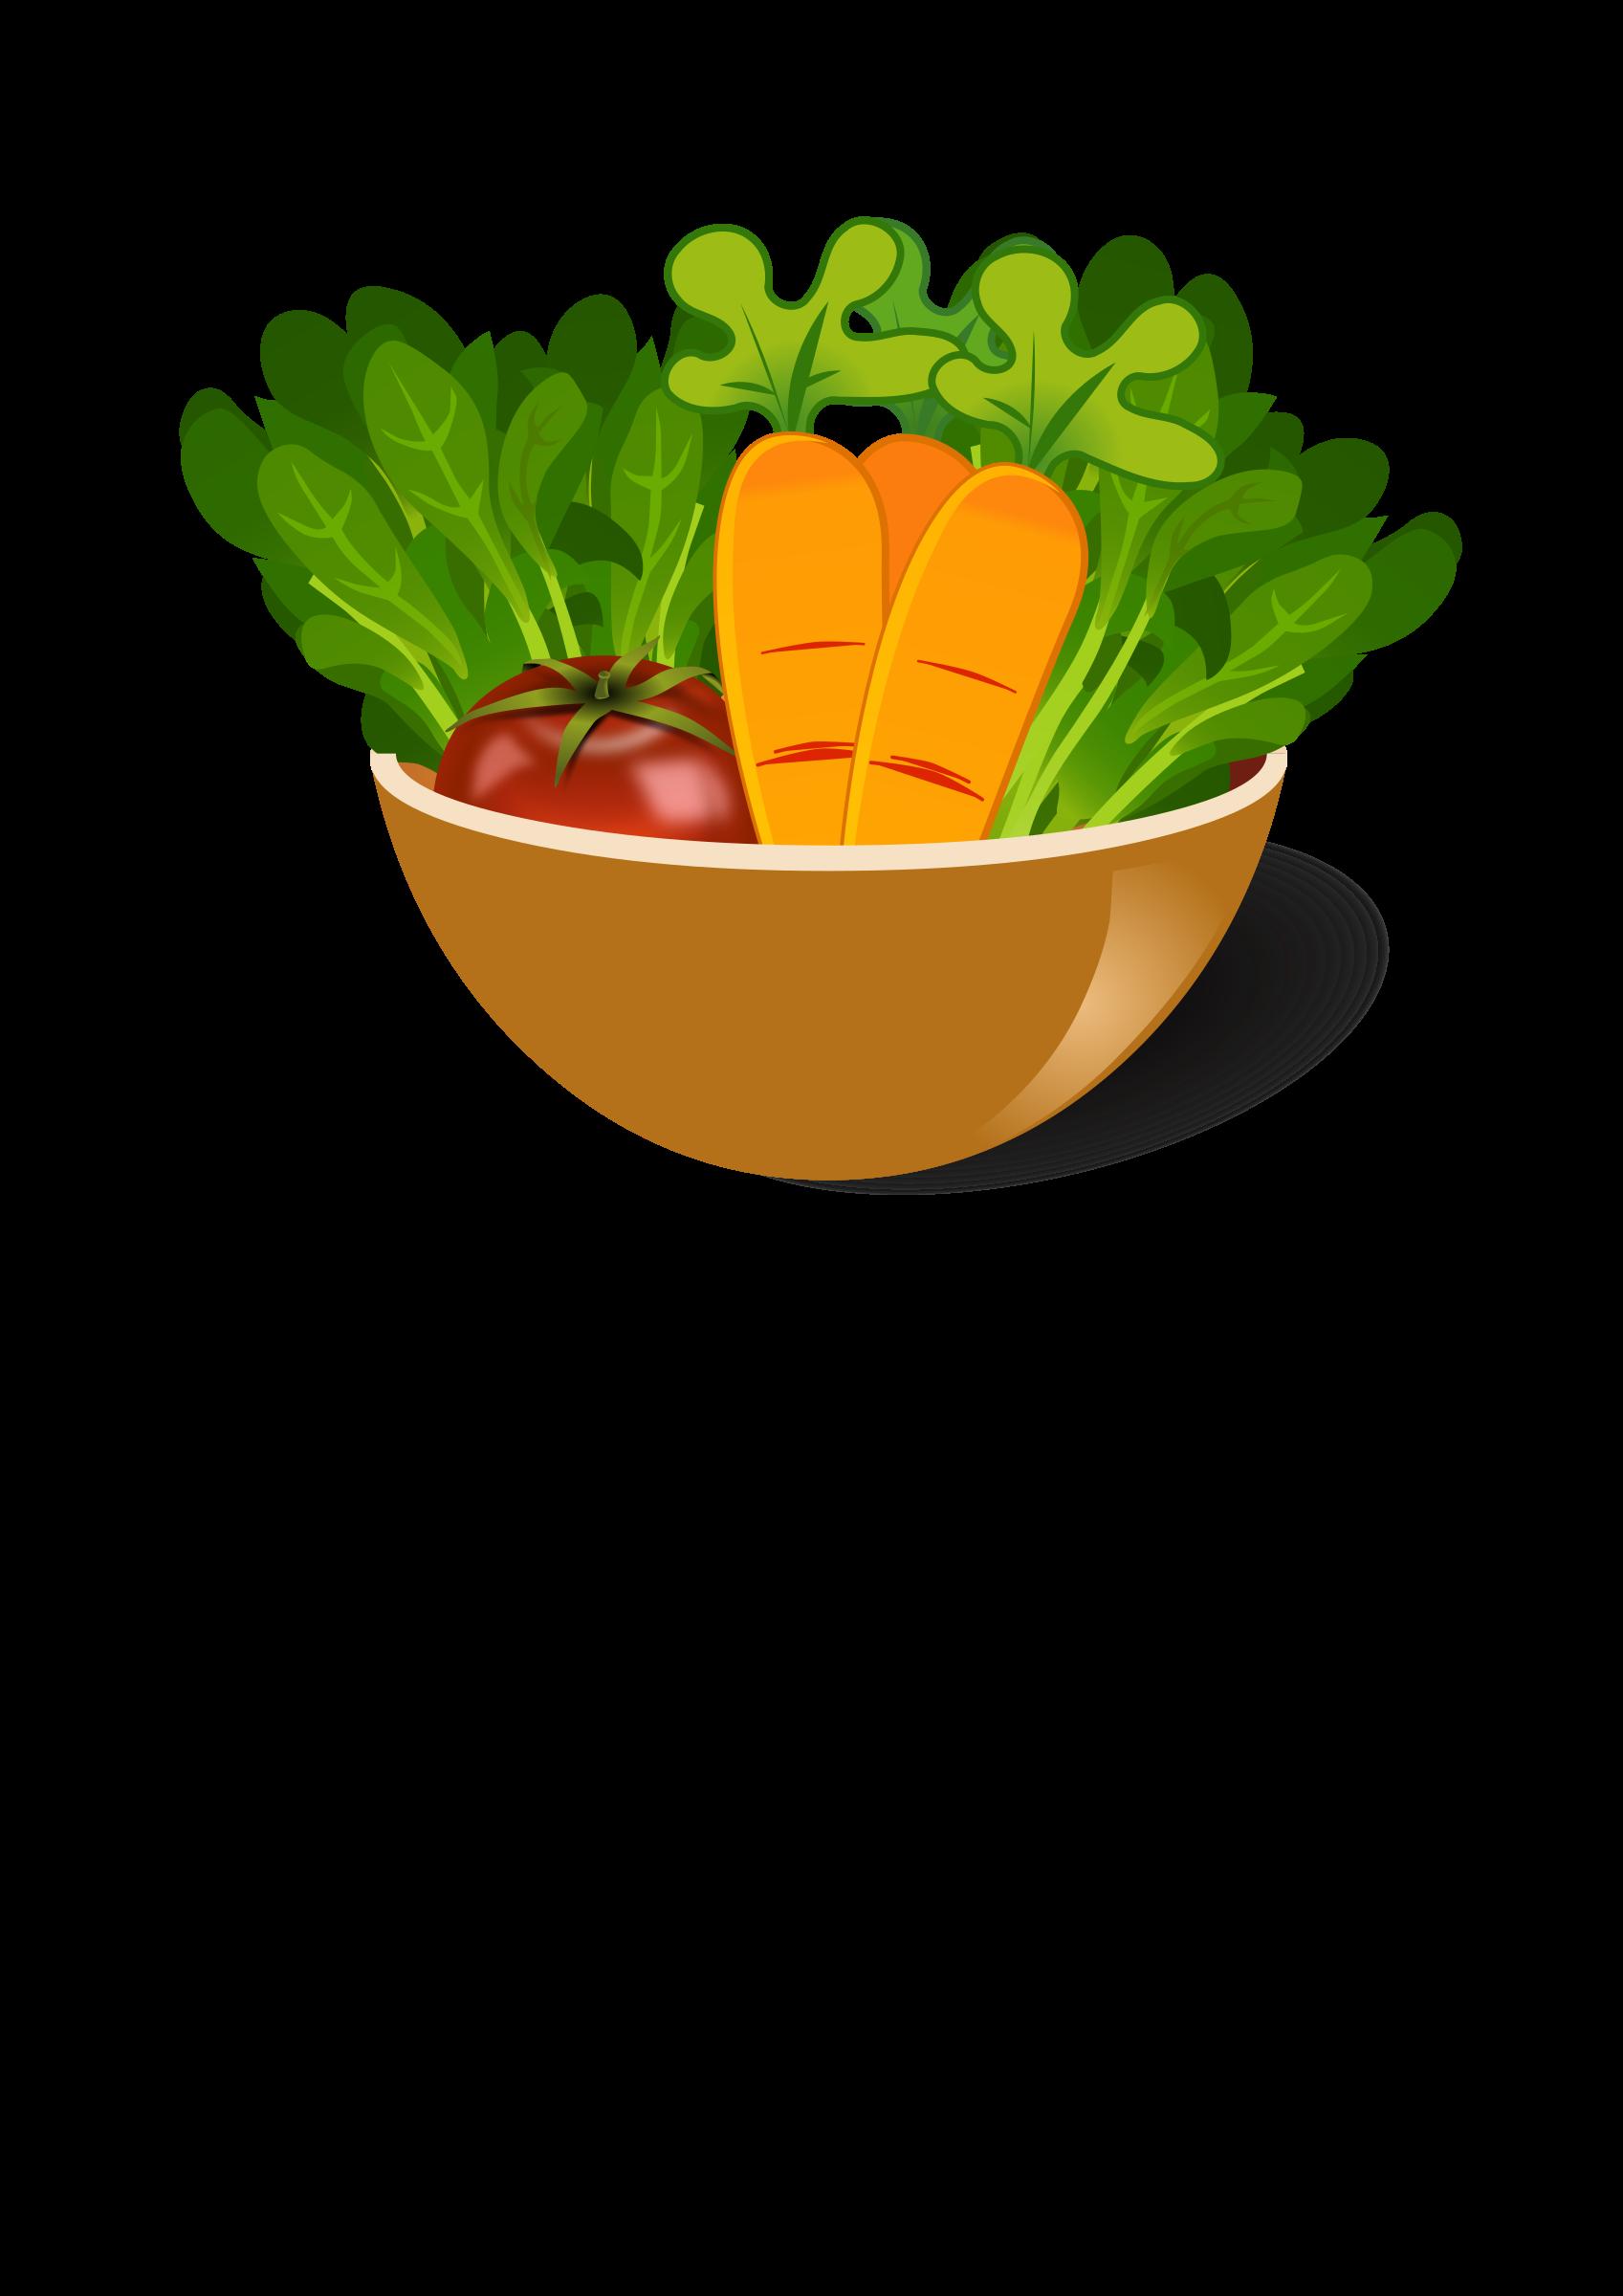 Lettuce vegtable